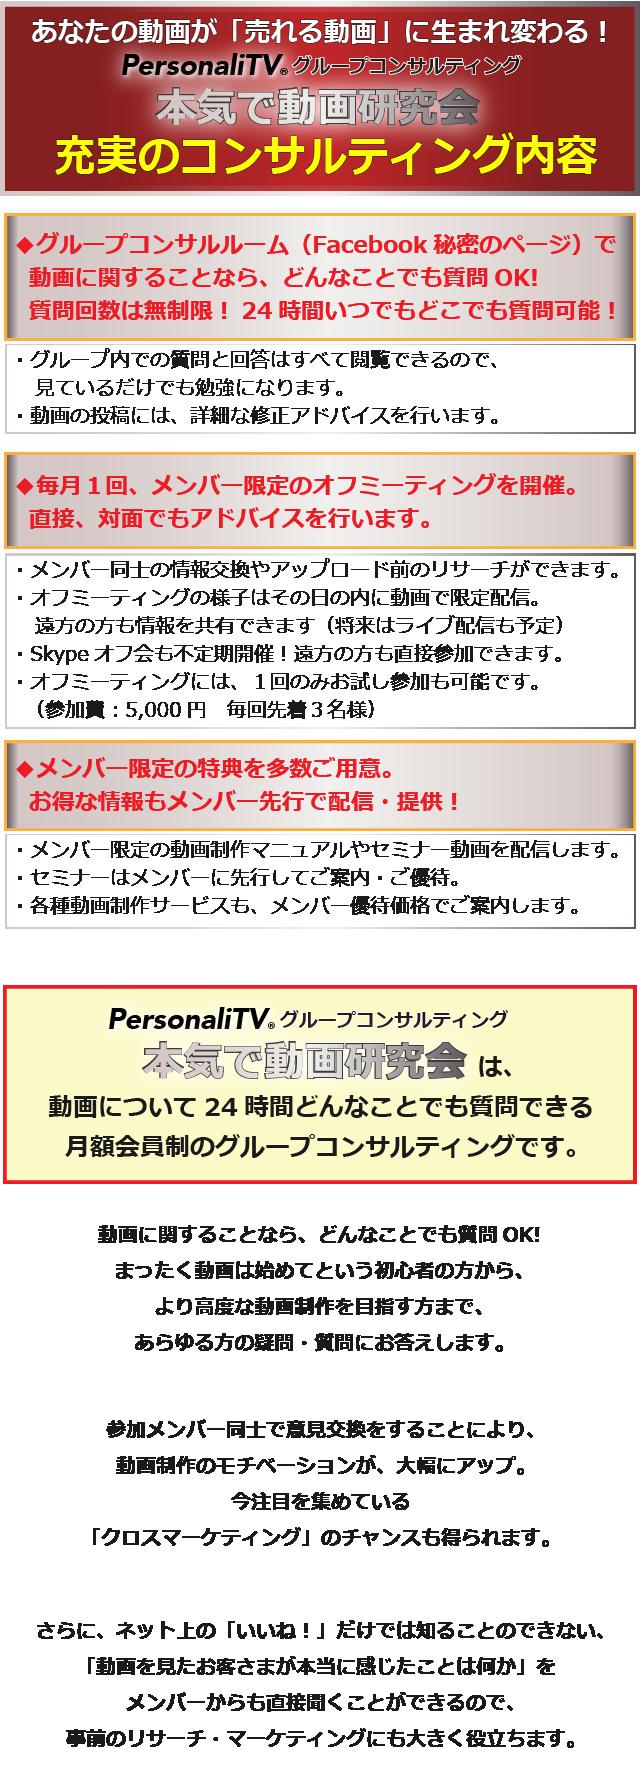 動画研究会チラシHP用_6